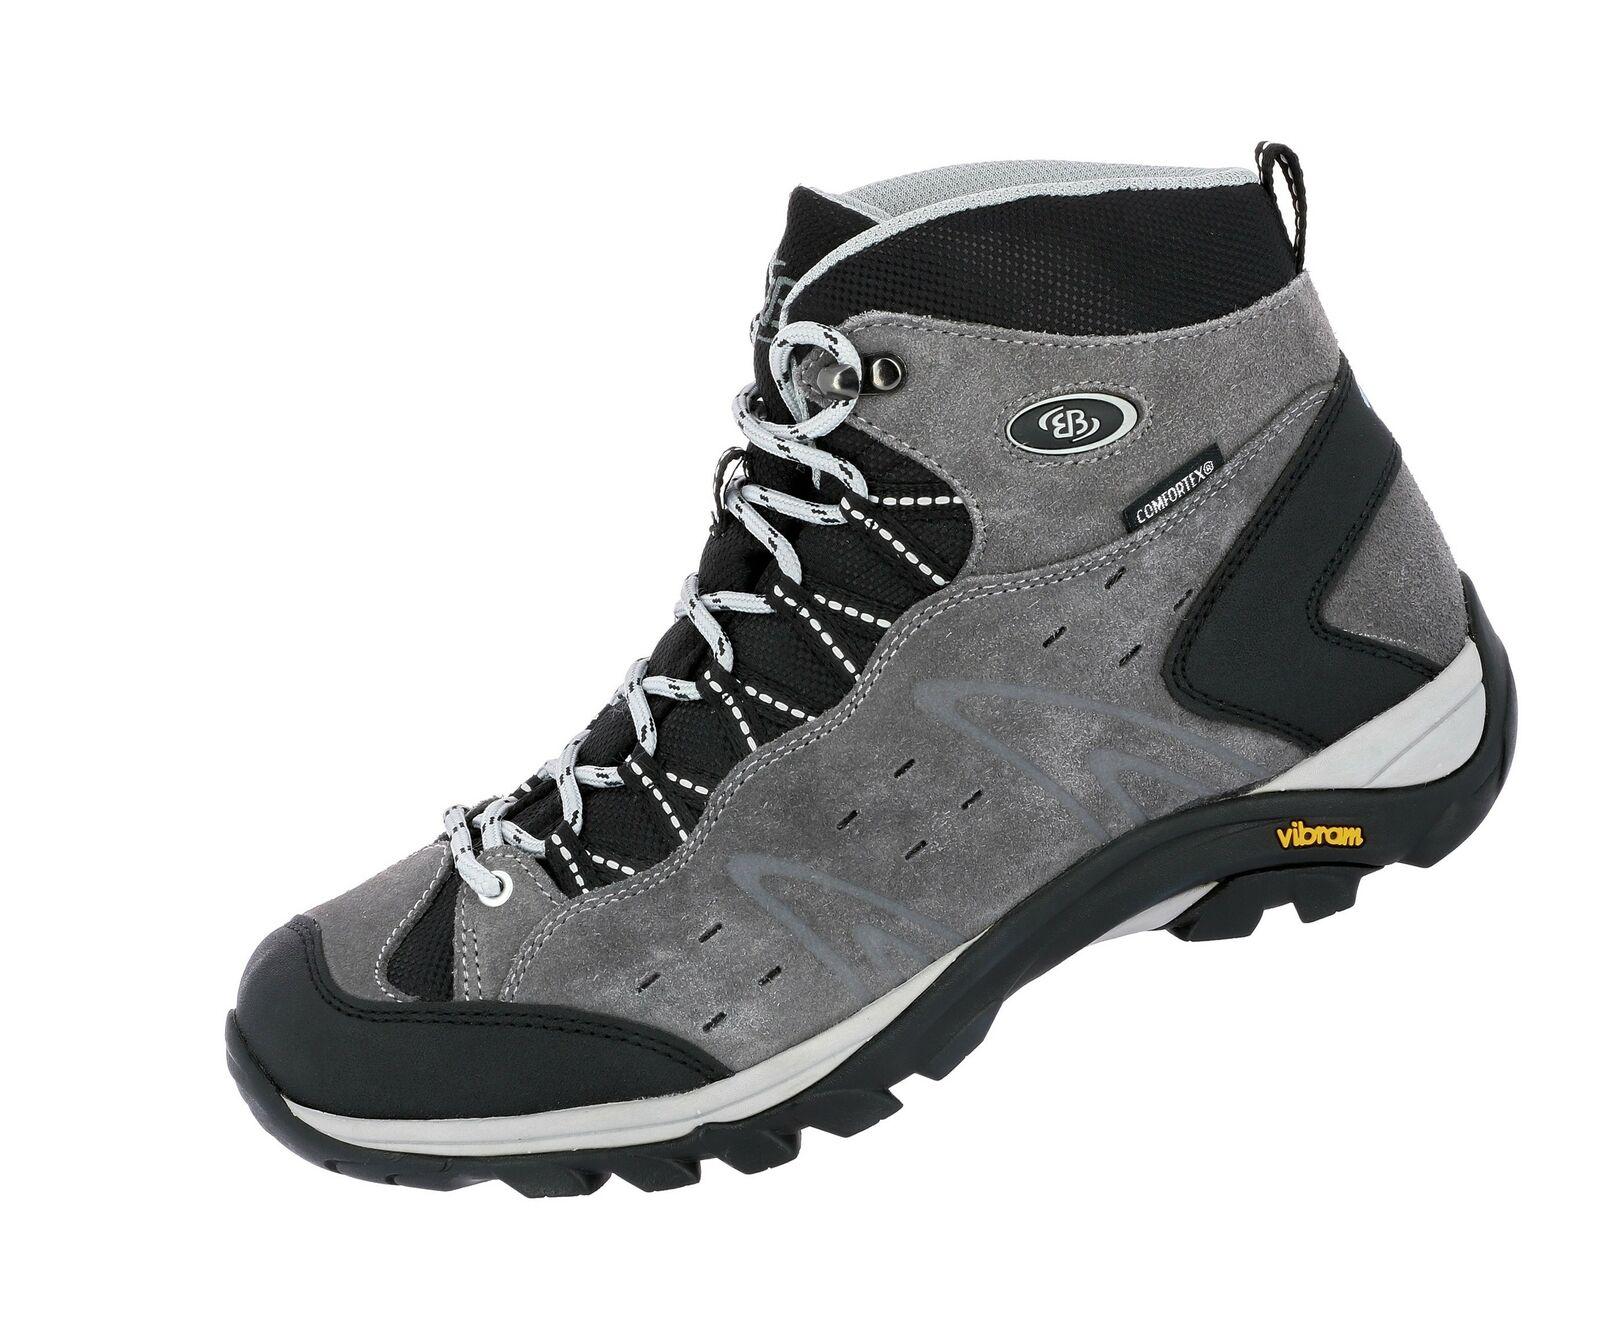 Brütting Outdoorschuh Wanderschuh grey Trekking Comfortex Mount Bona High